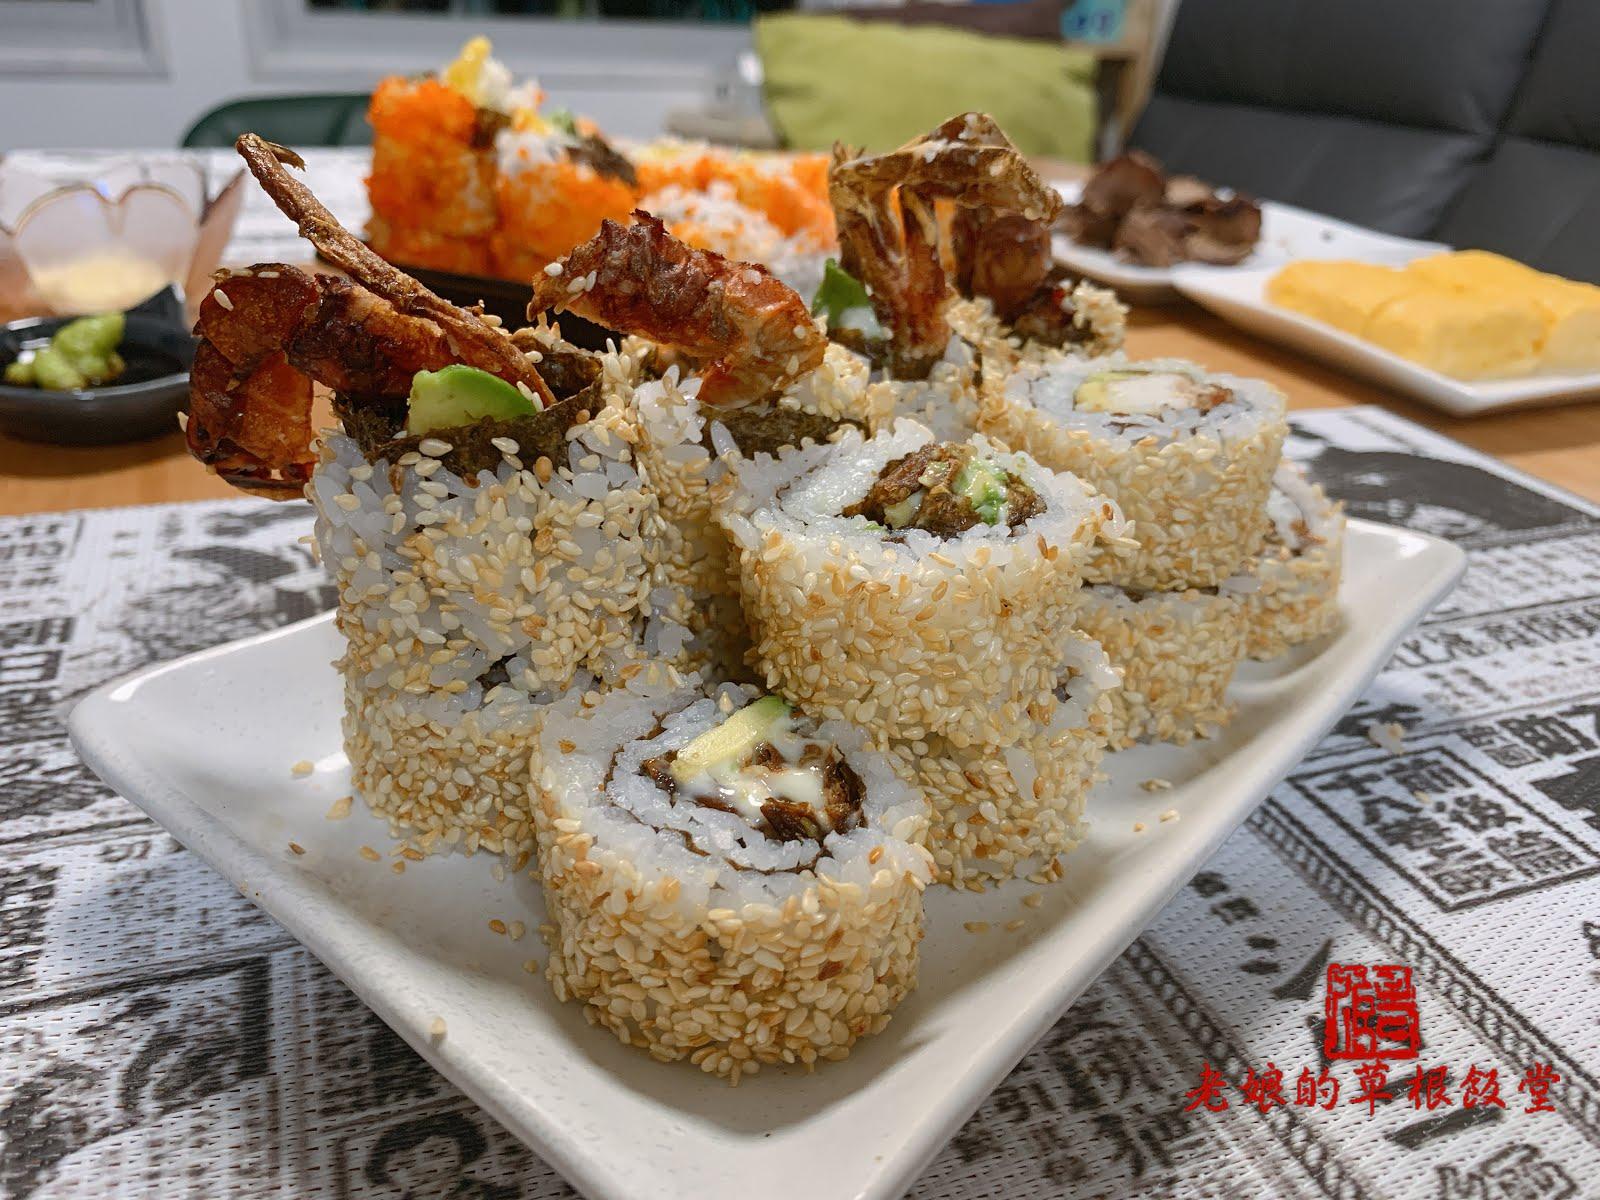 [氣炸]芝麻牛油果軟殼蟹反卷 Air Fryer Softshell Crab and Avocado Roll【老娘的草根飯堂】 - 老娘的草根飯堂 OldLady's Kitchen